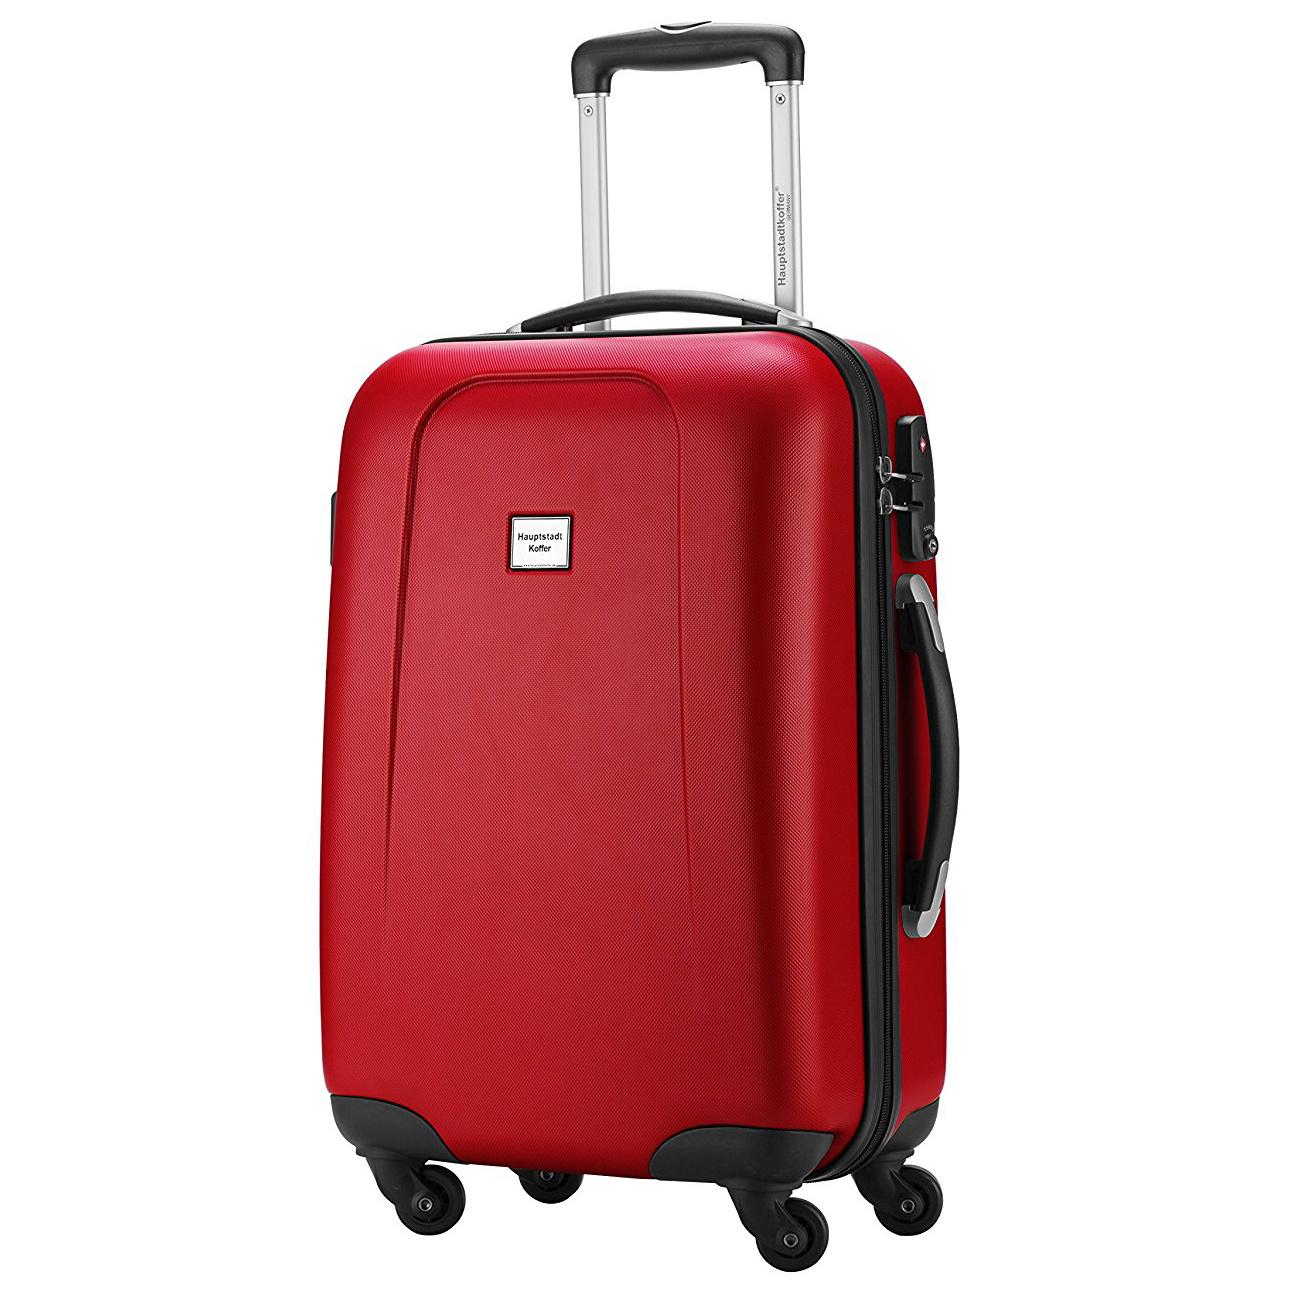 handgep ck koffer 55x38x22 cm 42 liter rot rollkoffer. Black Bedroom Furniture Sets. Home Design Ideas